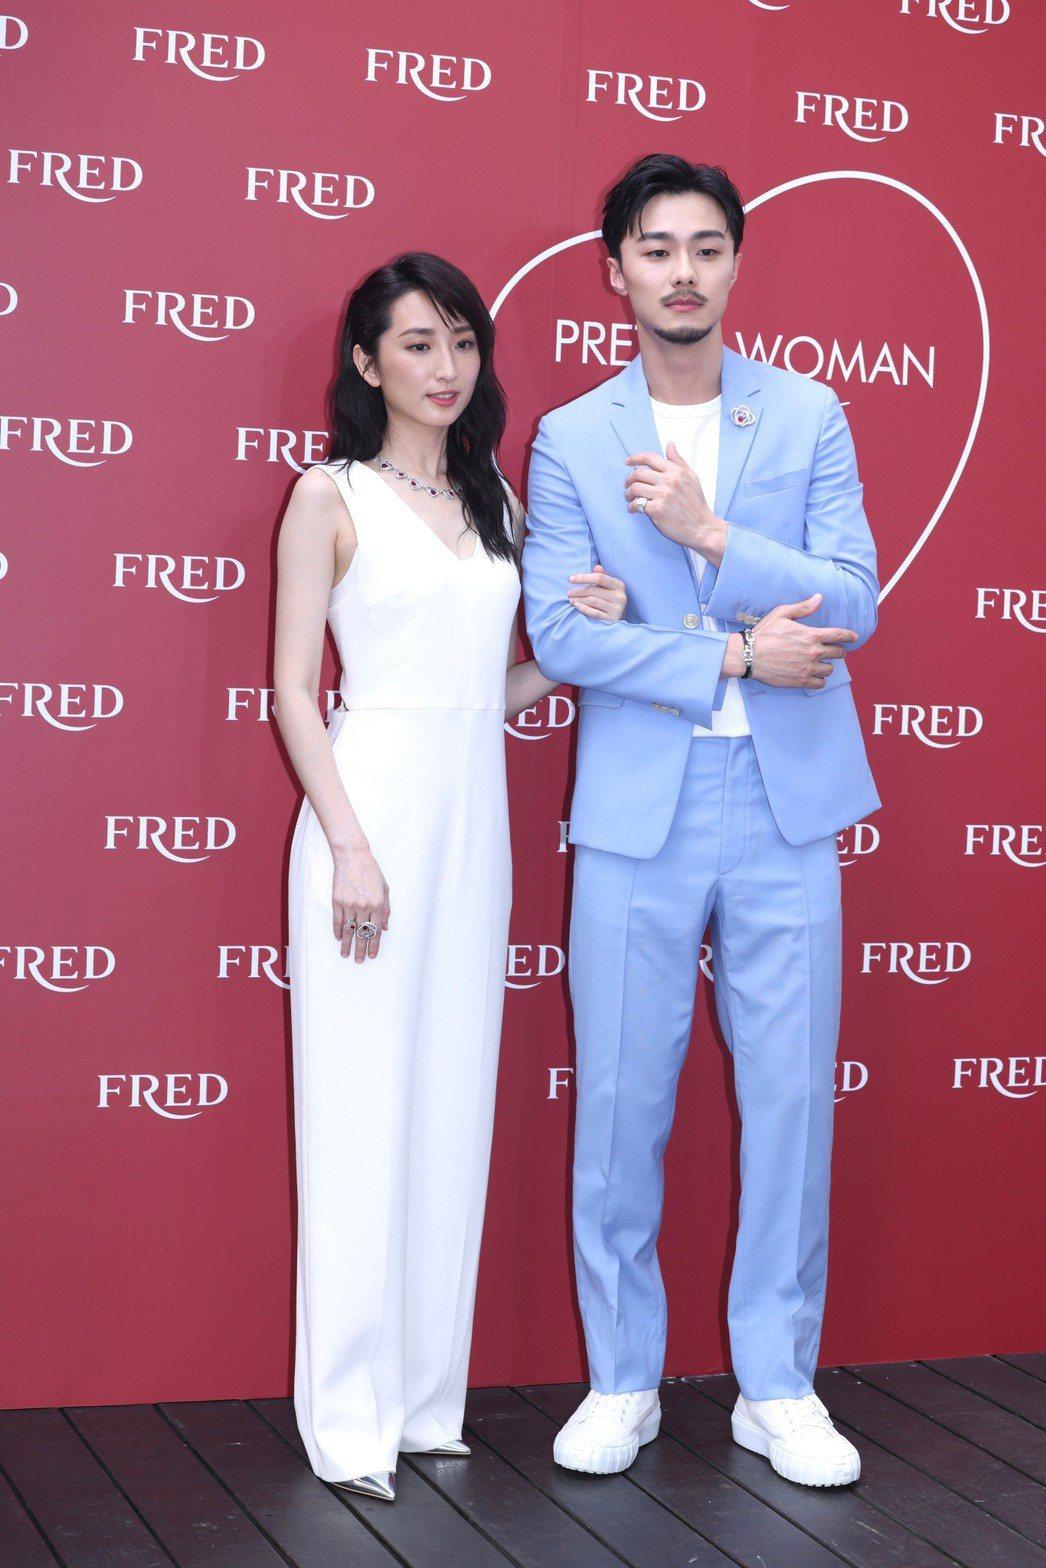 柯佳嬿(左)、施柏宇出席珠寶精品活動。記者王聰賢/攝影